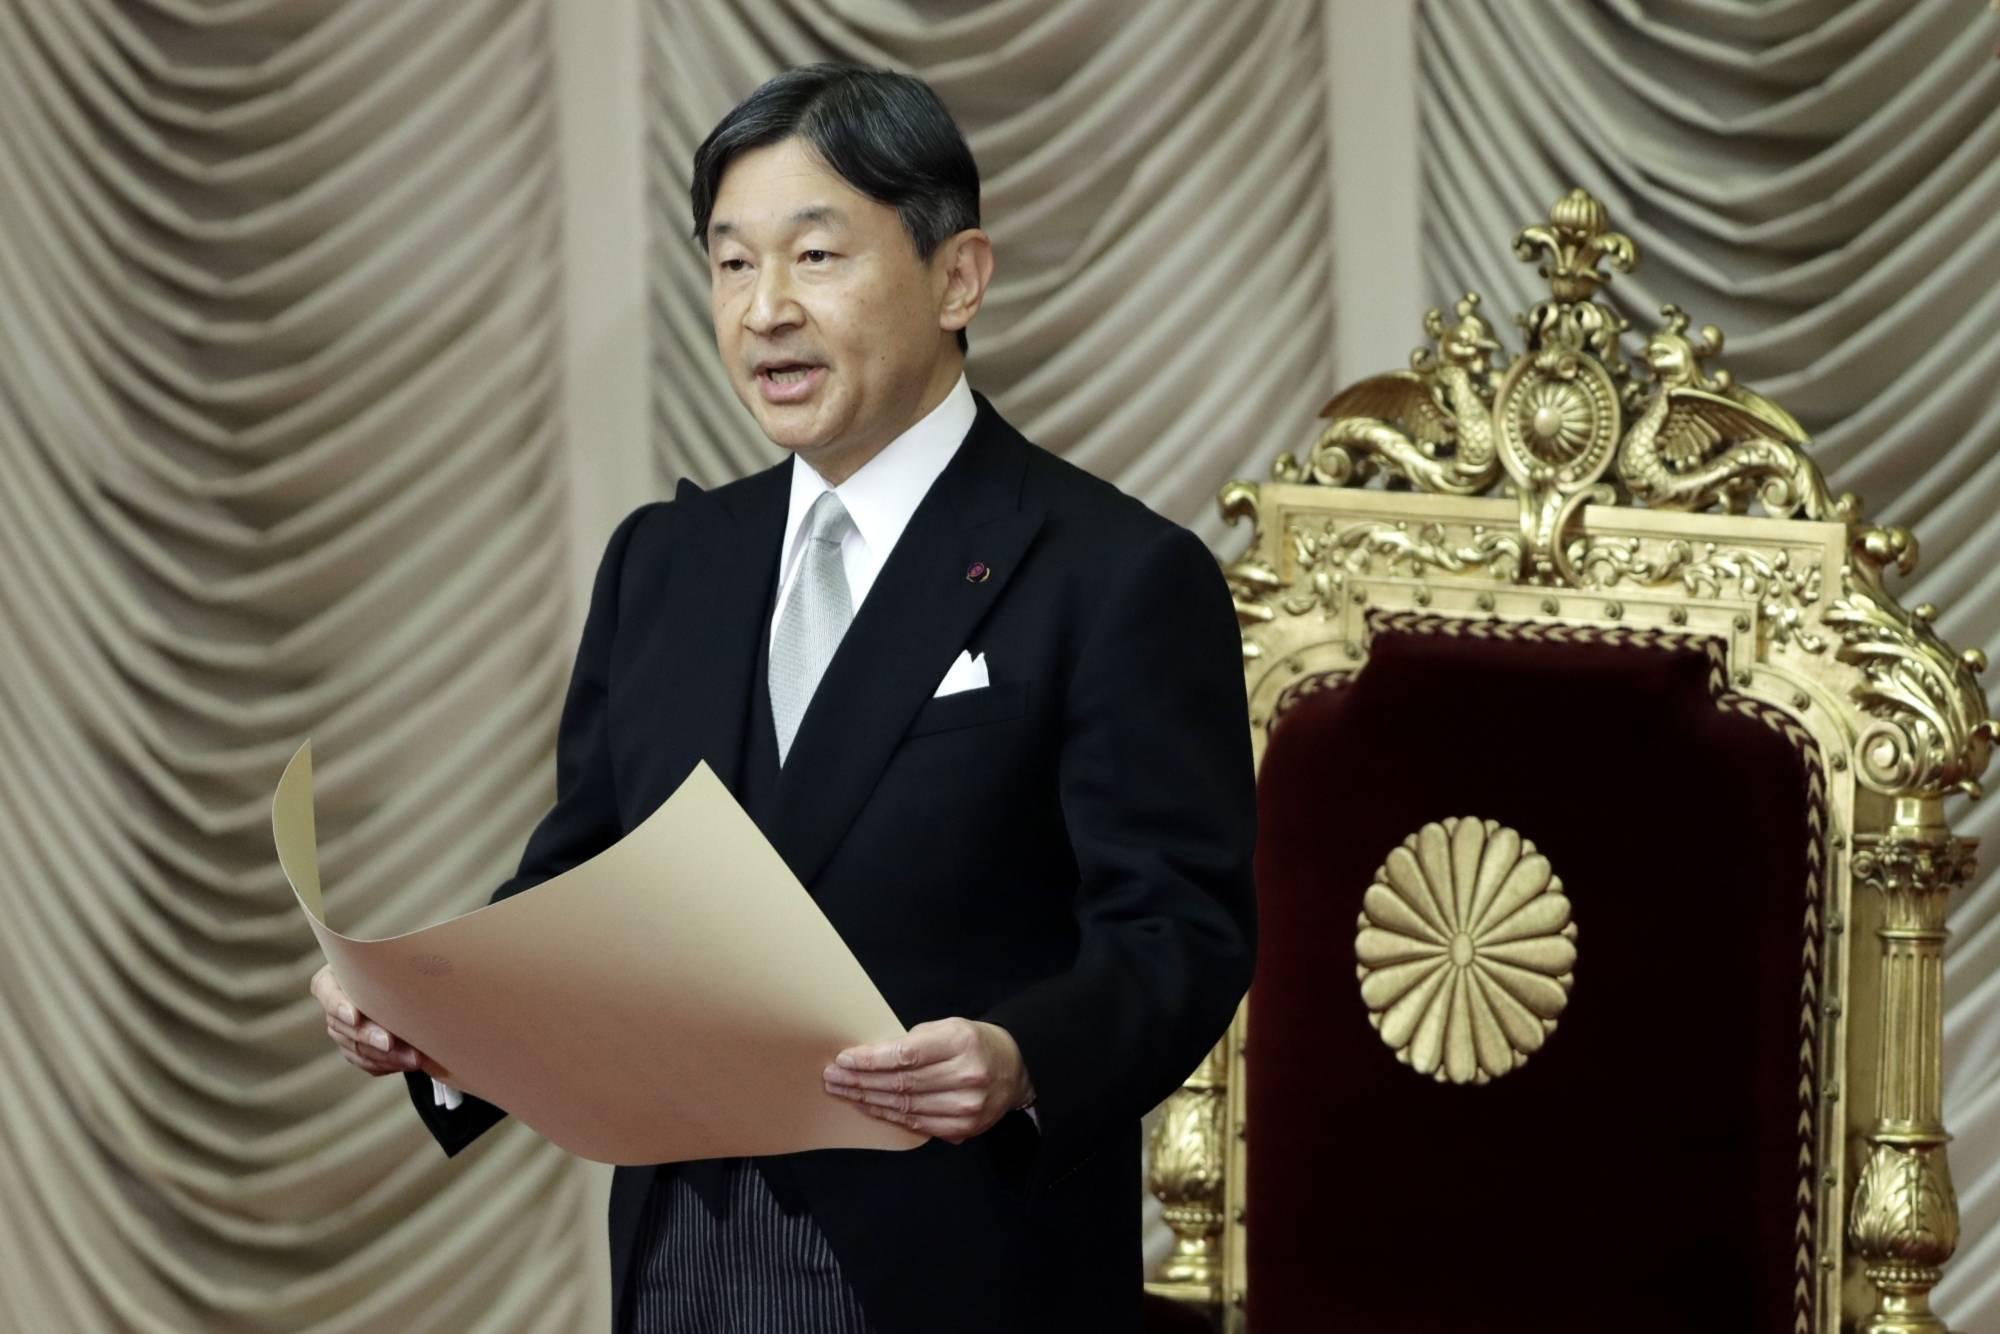 ओलम्पिक उद्घाटनमा जापानी सम्राट मात्रै उपस्थित हुँदै